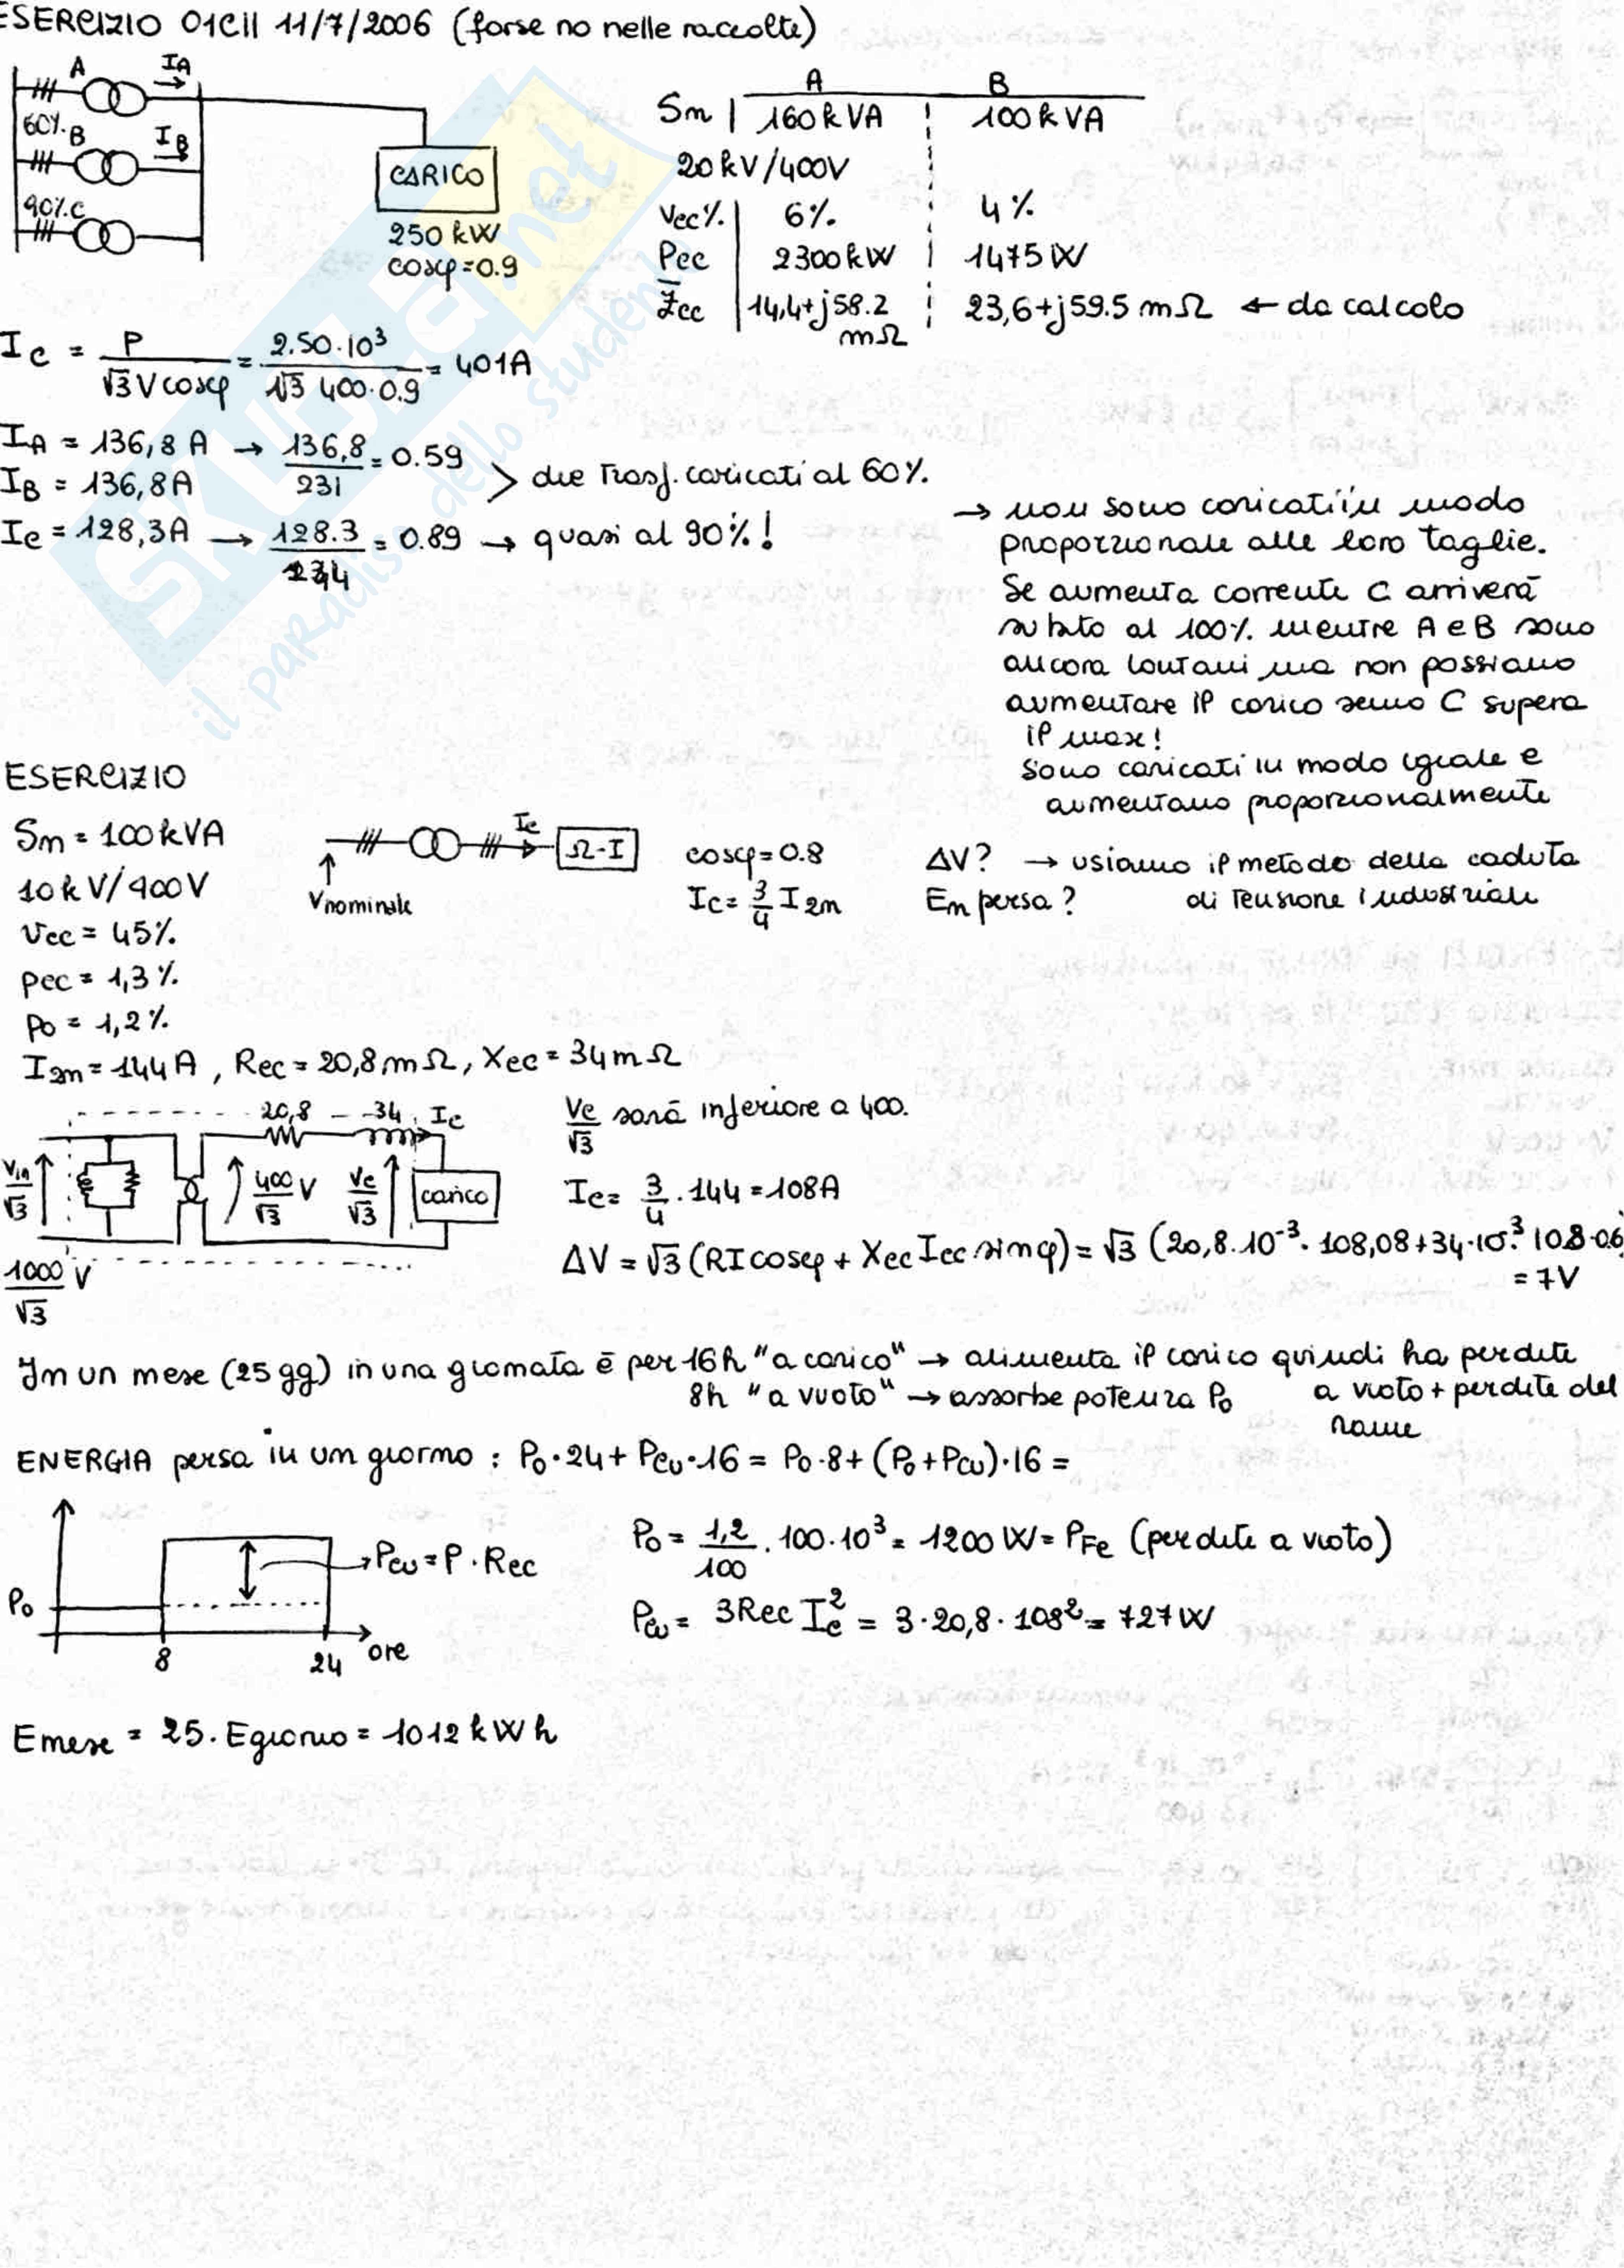 Sistemi Elettrici Industriali, Russo - Teoria + esercizi Pag. 16